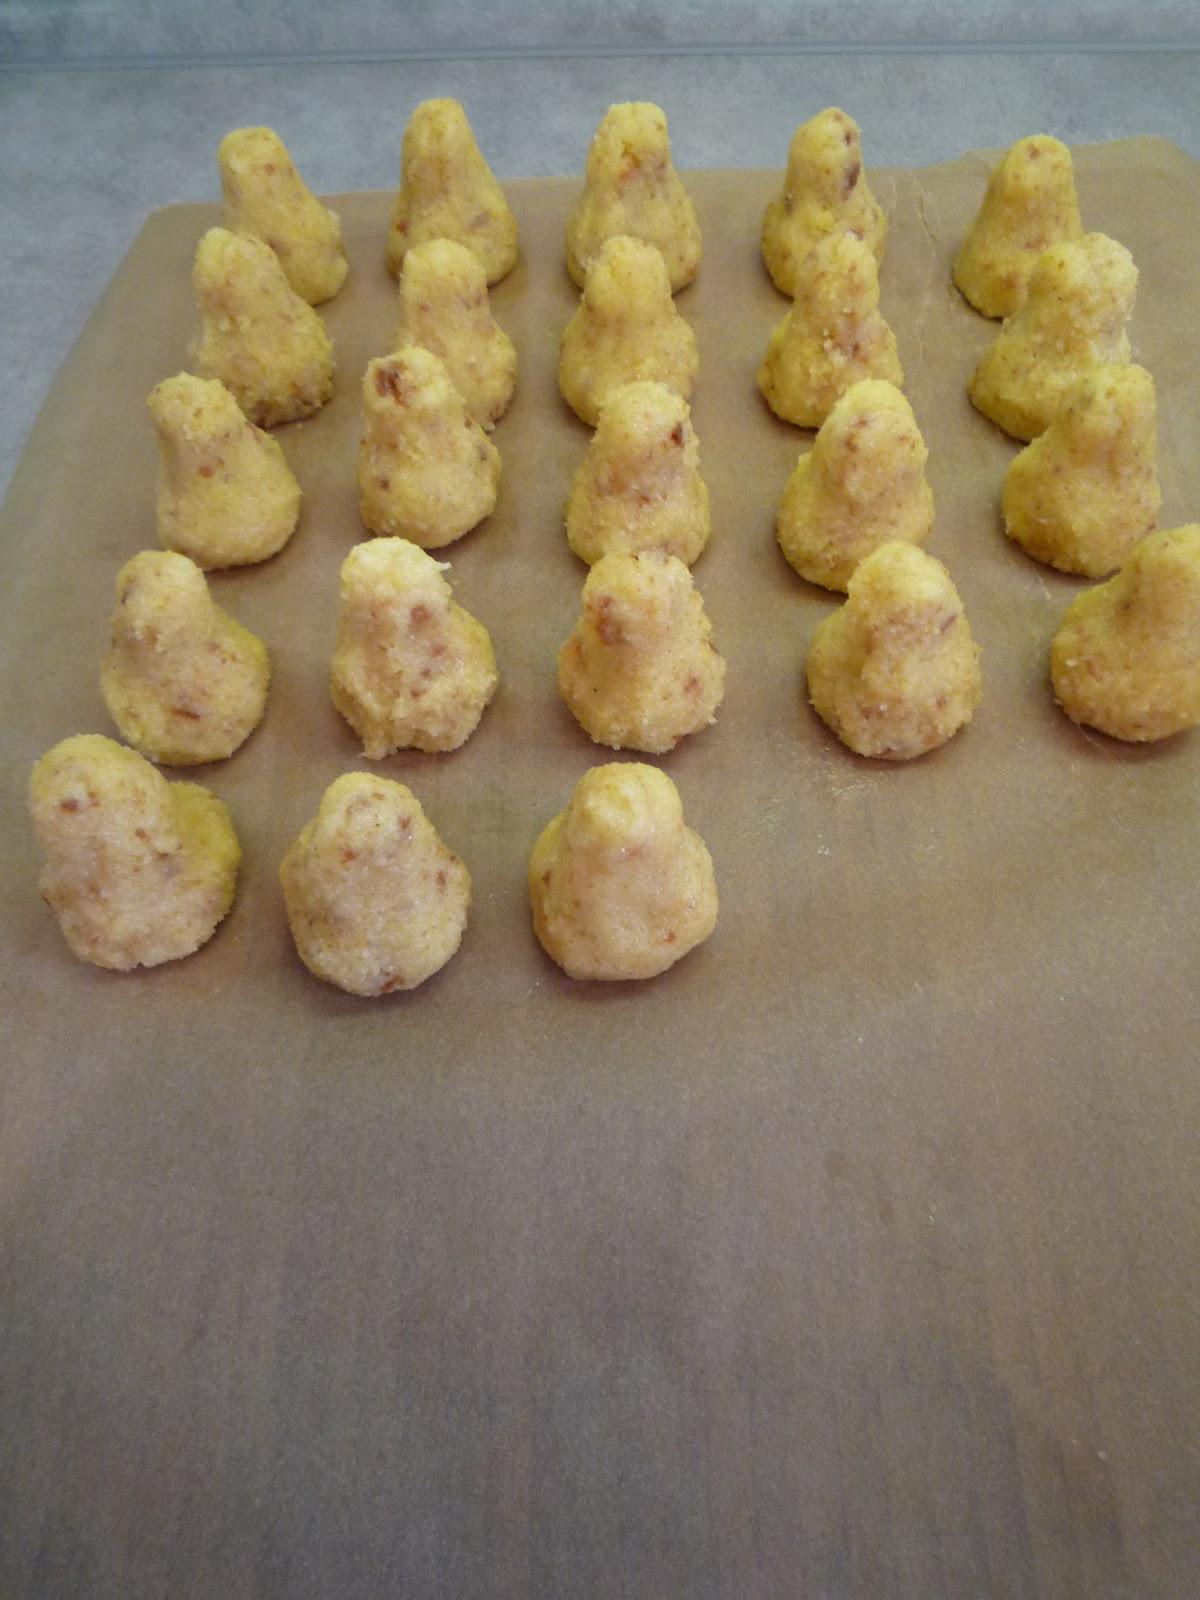 Barbapapa-Cakepops, Barbapapa, Cakepops, Zitronen-Cakepops